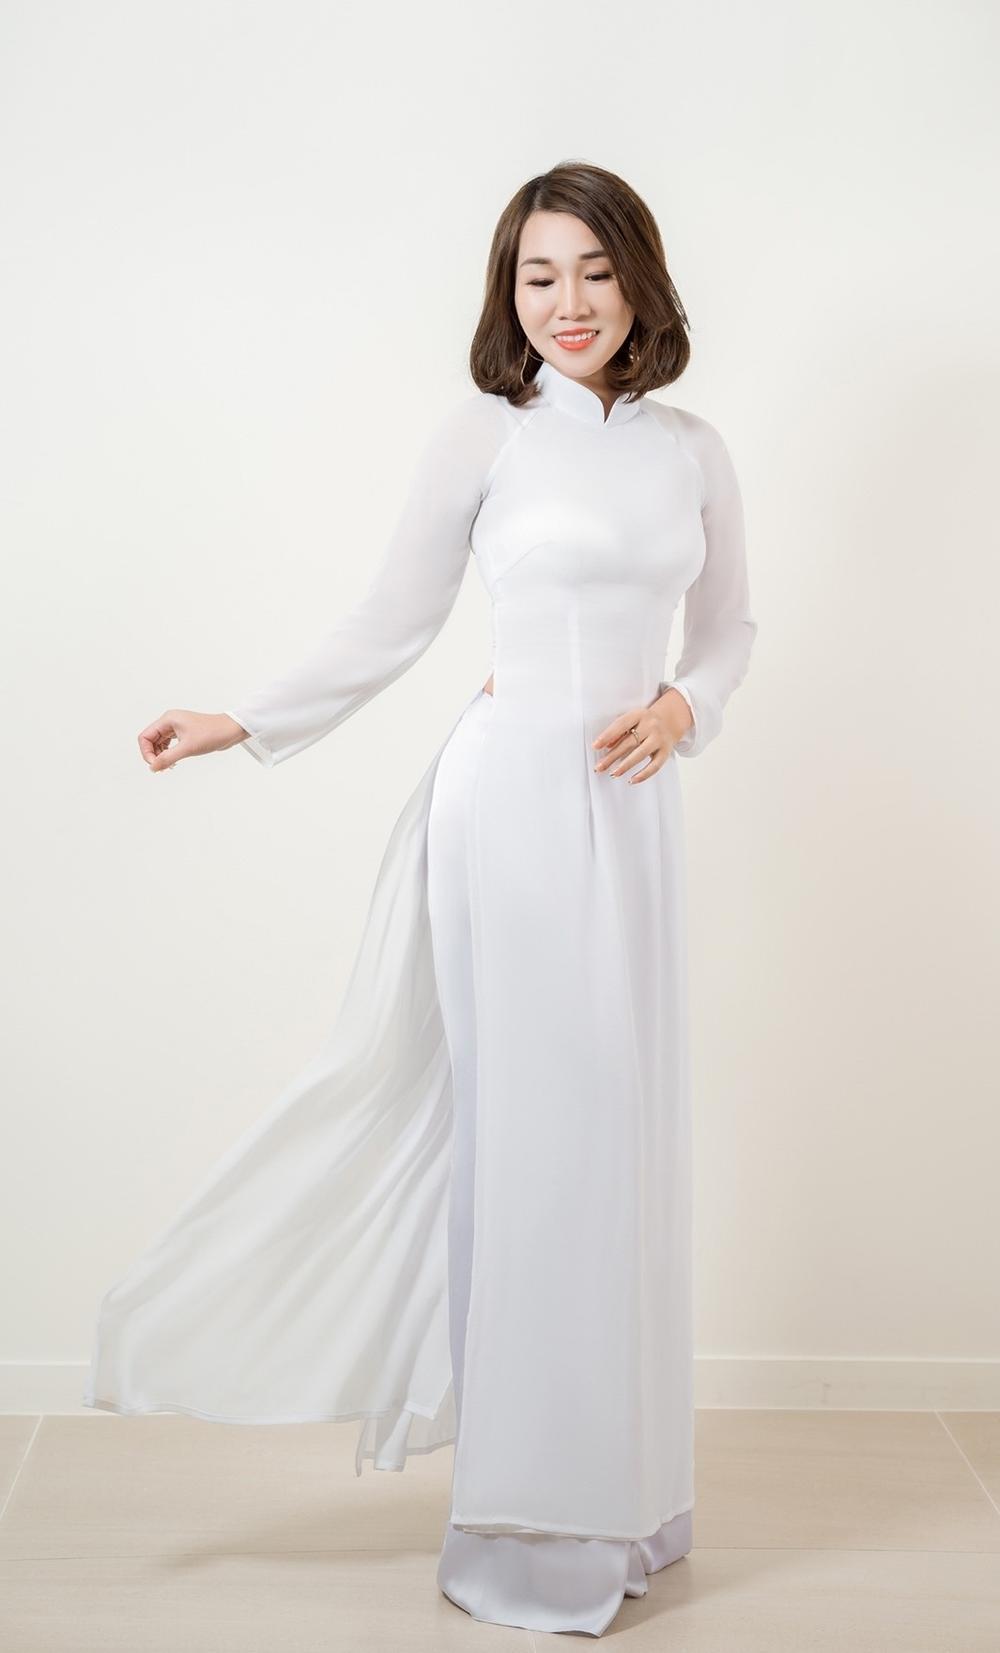 Á hậu Doanh nhân Lee YuJin thả dáng eo thon trong tà áo dài truyền thống đón xuân Tân Sửu 2021 Ảnh 4